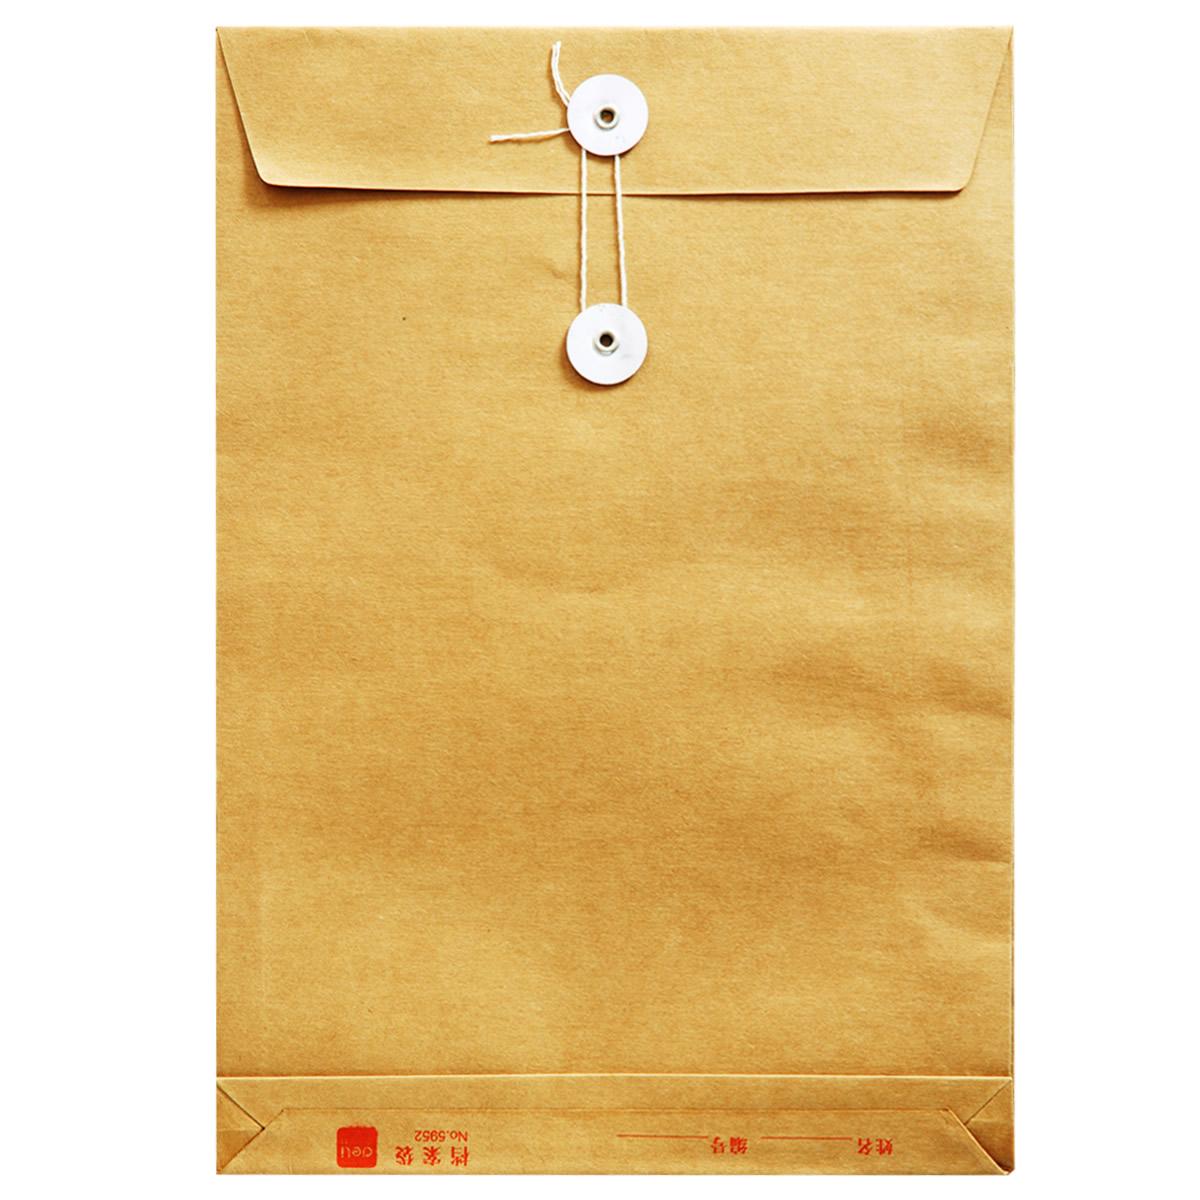 10个包邮得力5953纸质档案袋资料袋投标文件袋标书袋牛皮纸档案袋办公装订用品